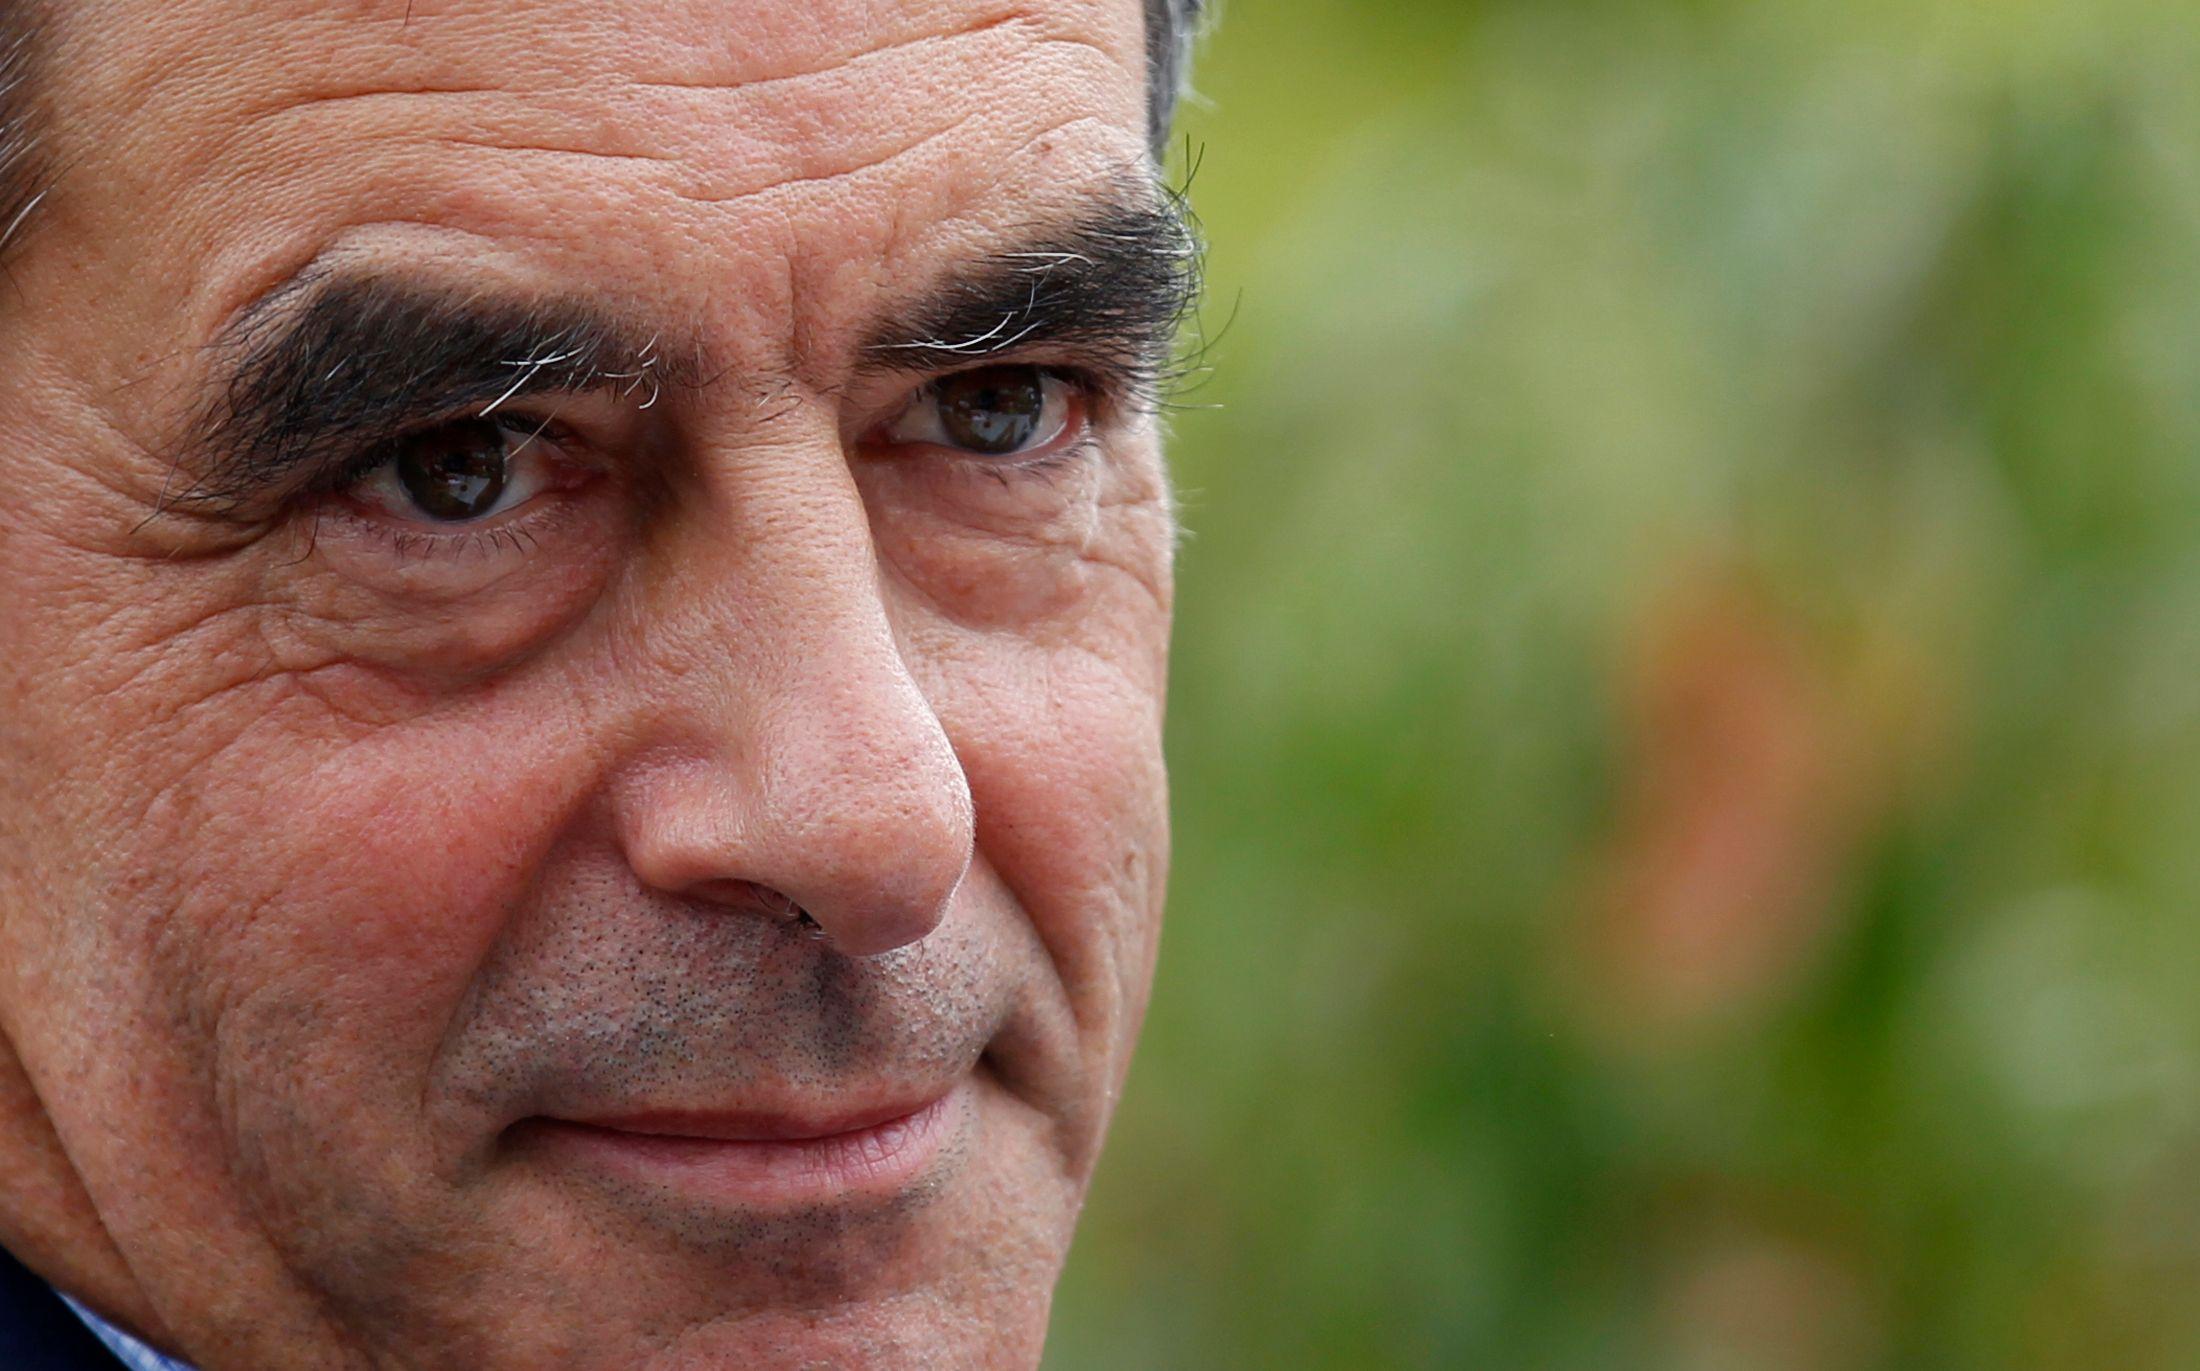 En 2006 et 2007, François Fillon s'est fait payer par l'UMP des allers-retours à plus de 14 000 euros pour l'un des quatre voyages et 6 500 euros pour les trois autres.